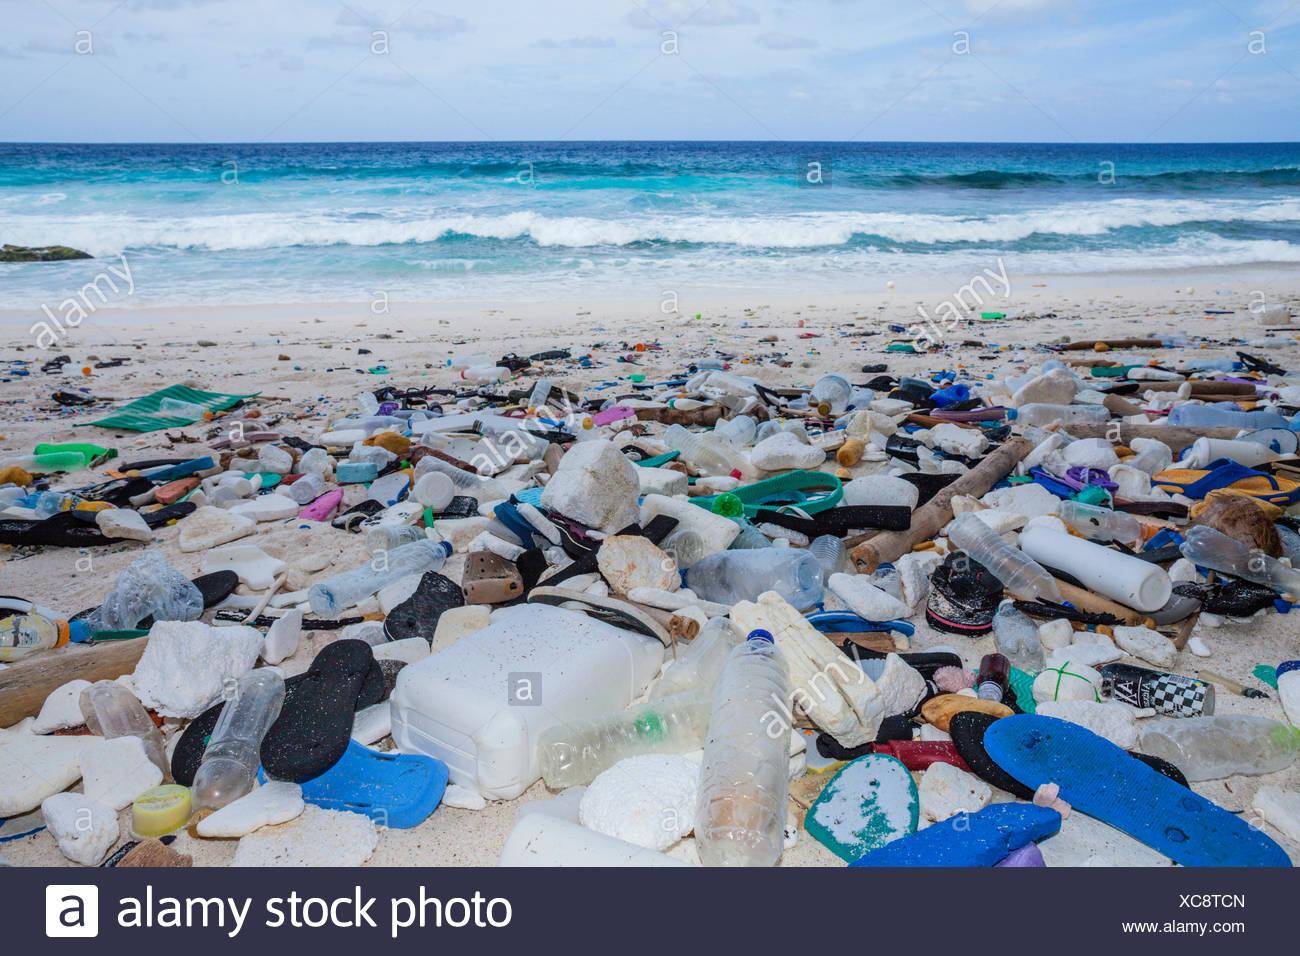 Plastic Waste washed up at Greta Beach, Christmas Island, Australia - Stock Image